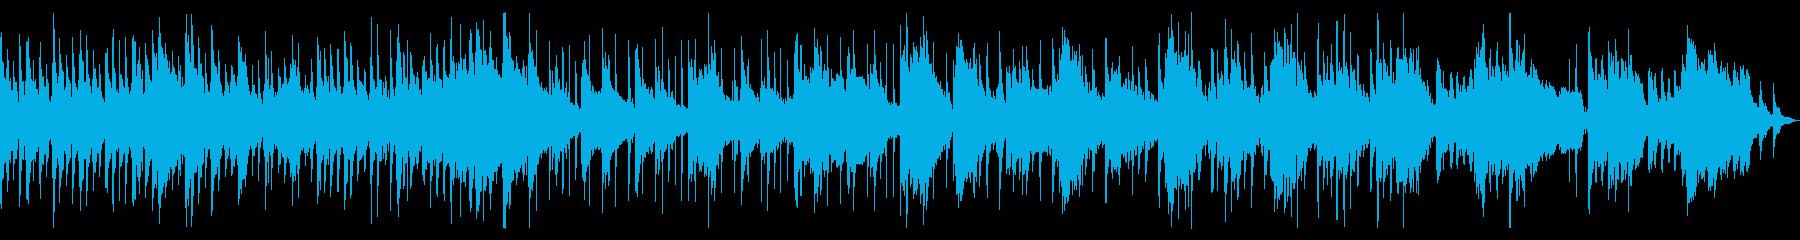 童謡「うさぎ」のゆったりポップなアレンジの再生済みの波形